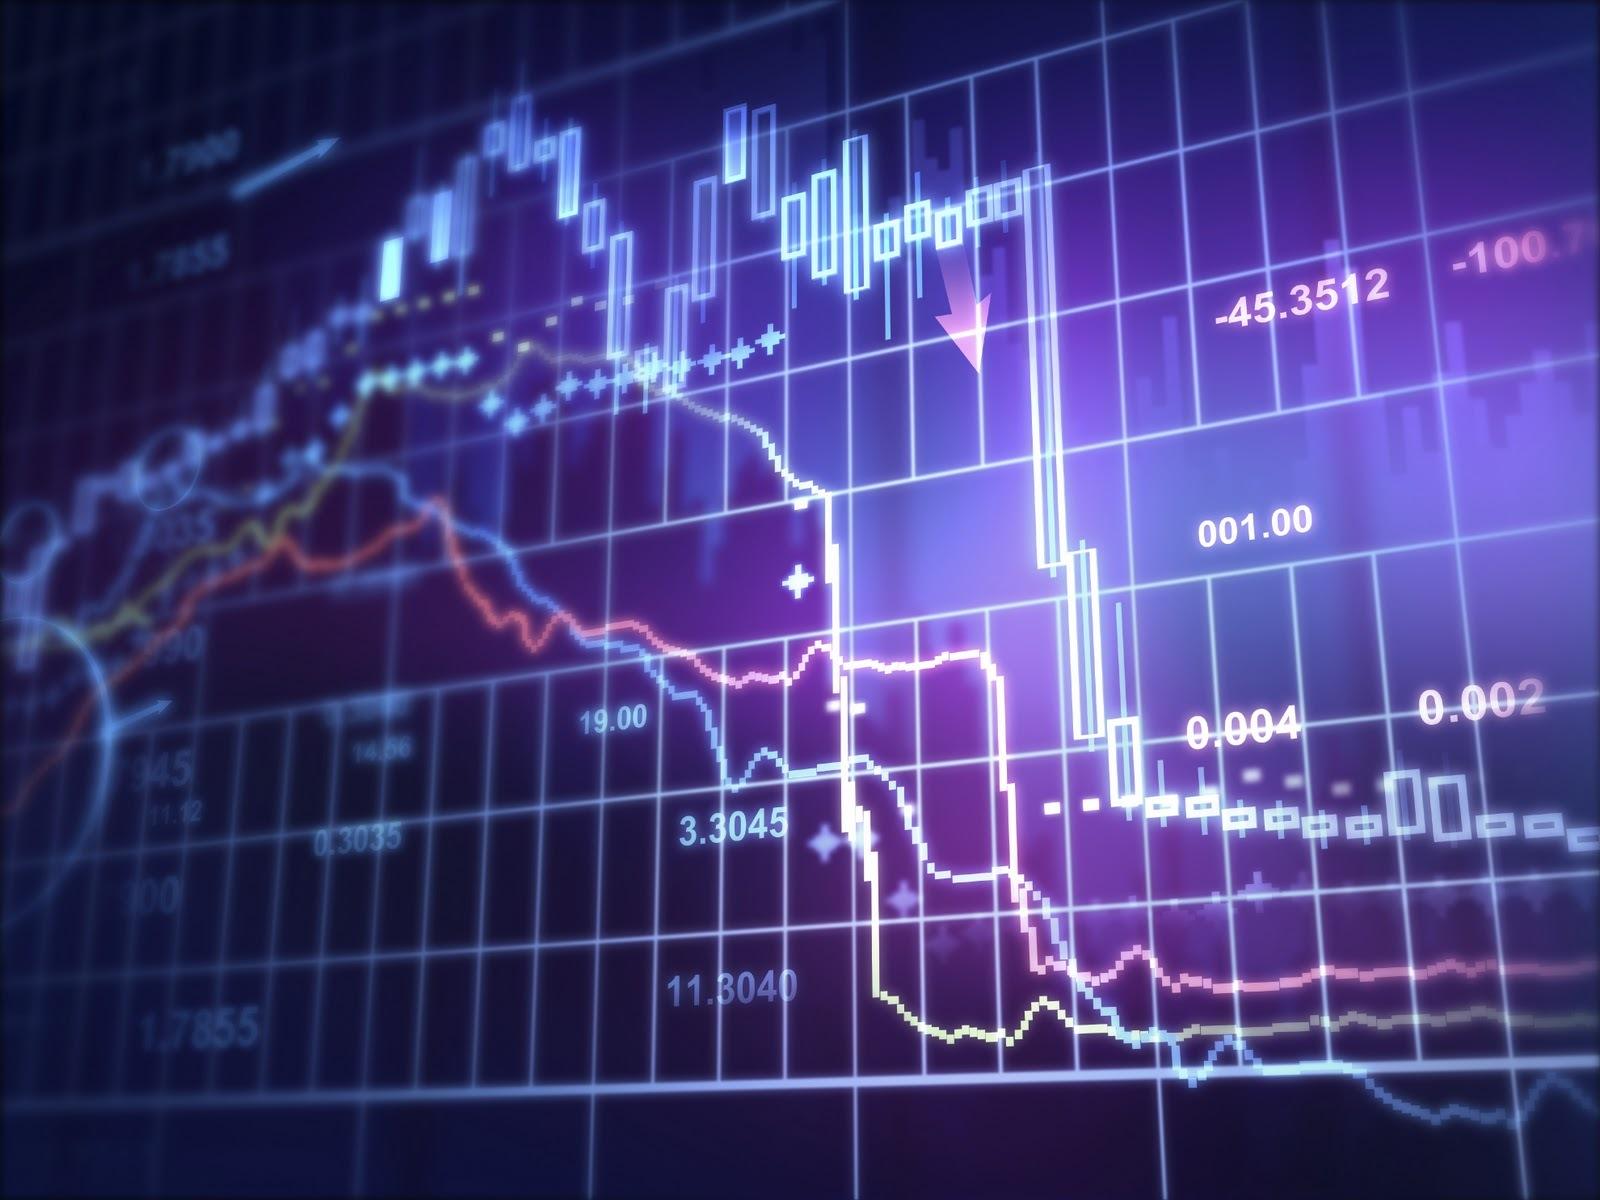 Bursele din China închise prematur după o nouă cădere de 7%